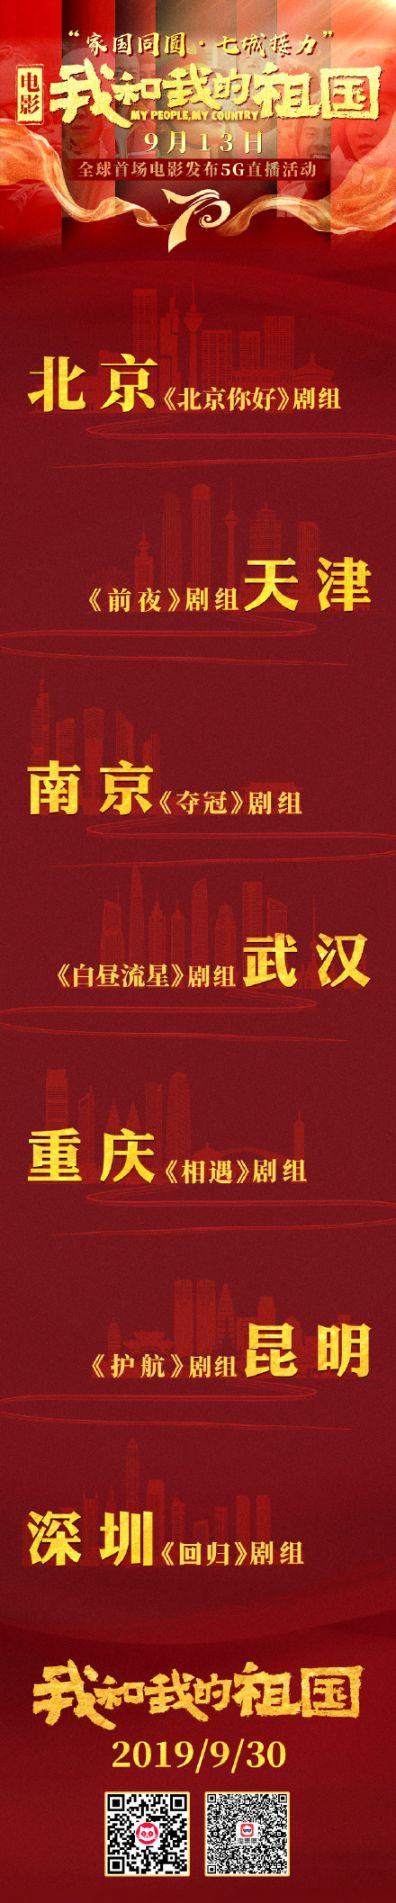 《我和我的祖国》电影发布活动直播有哪些城市接力